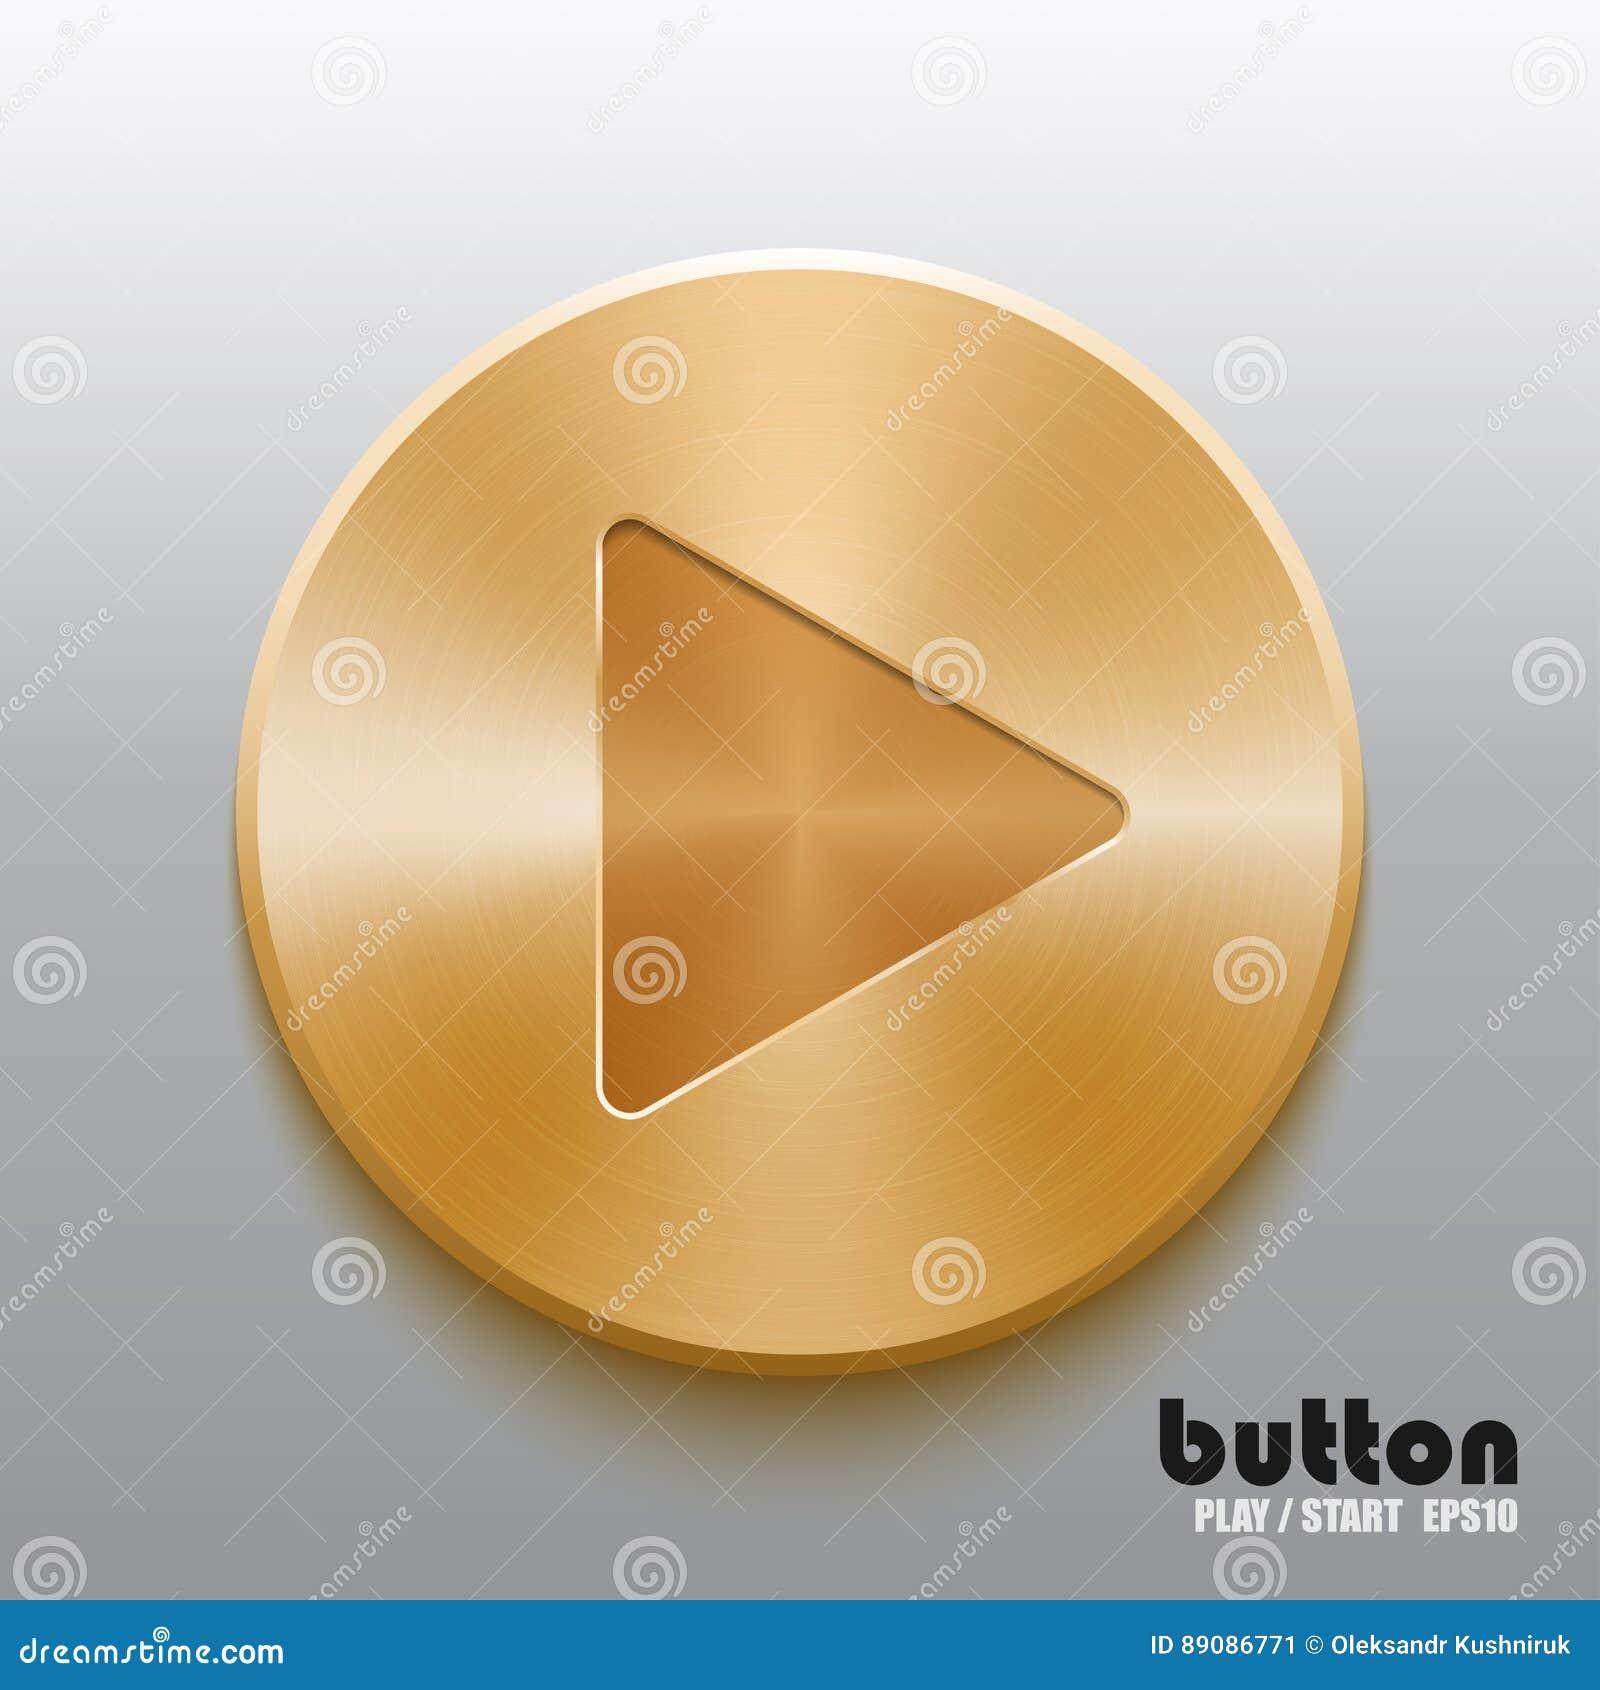 Golden play button